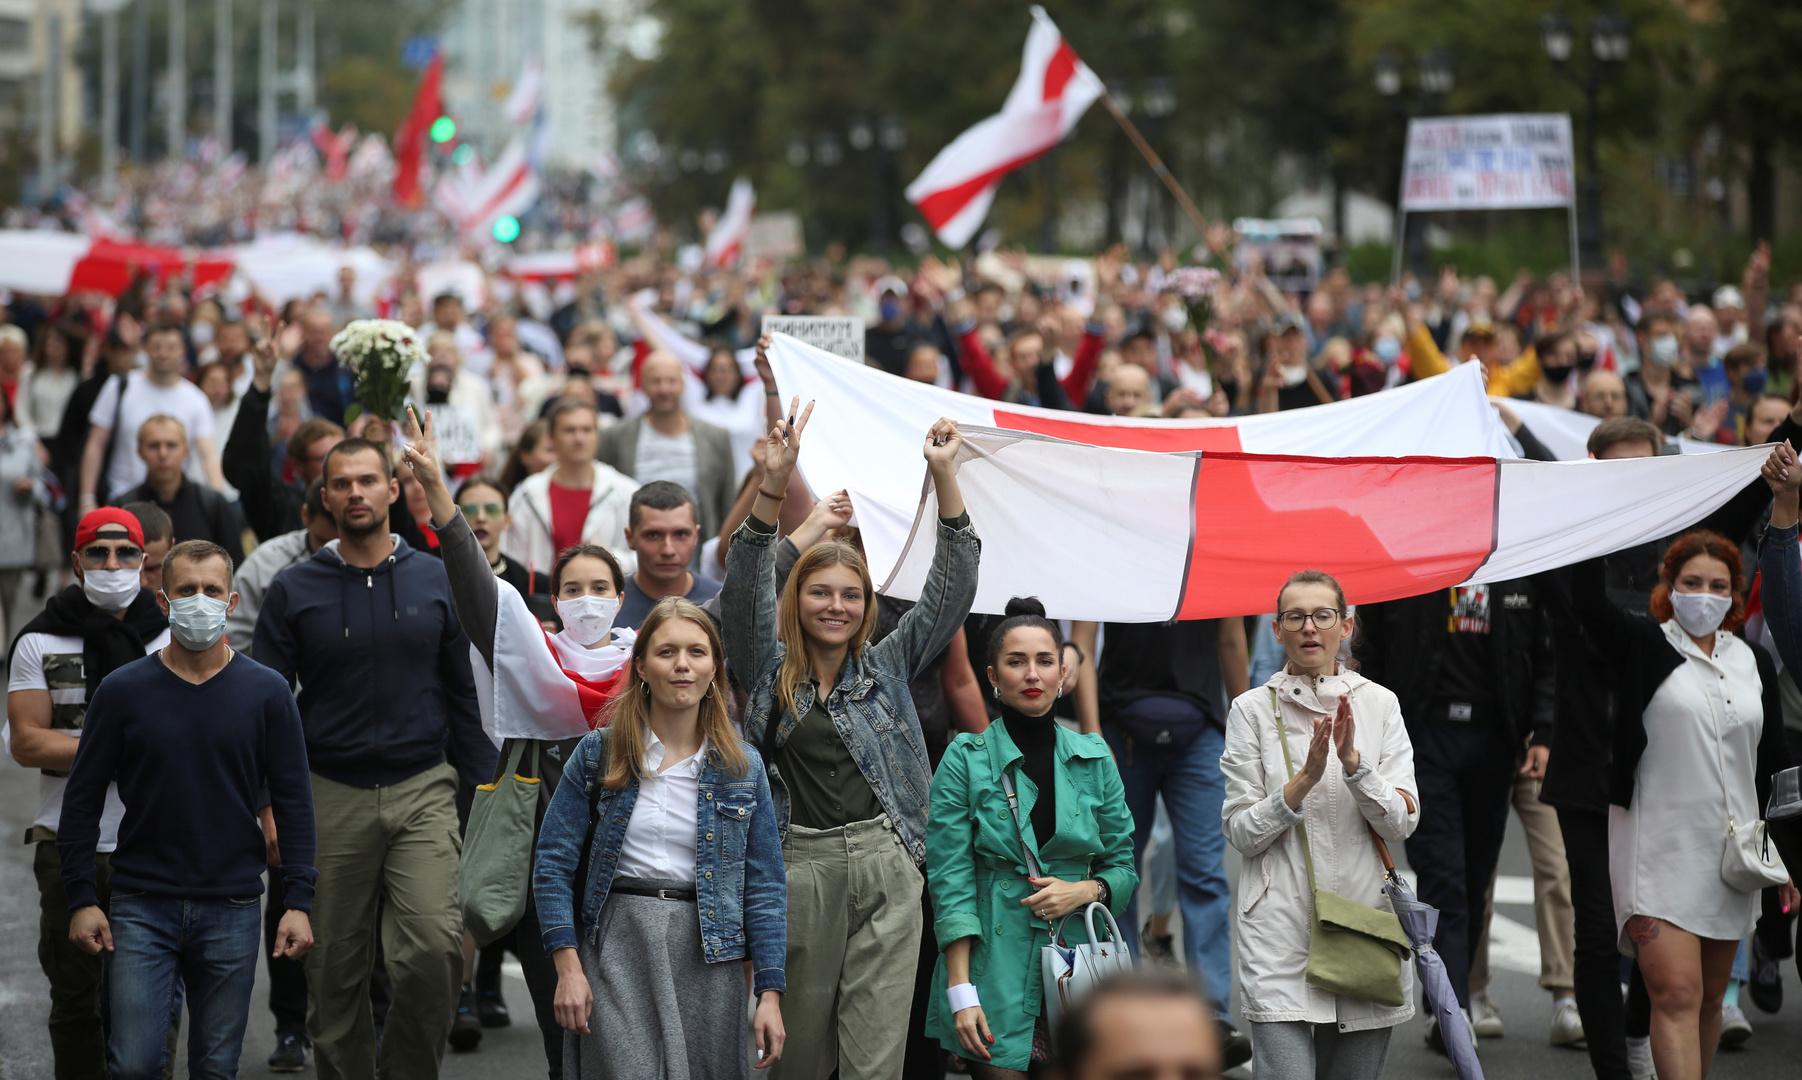 بيلاروس.. اعتقال أكثر من 600 شخص أمس خلال احتجاجات مناهضة للرئيس لوكاشينكو